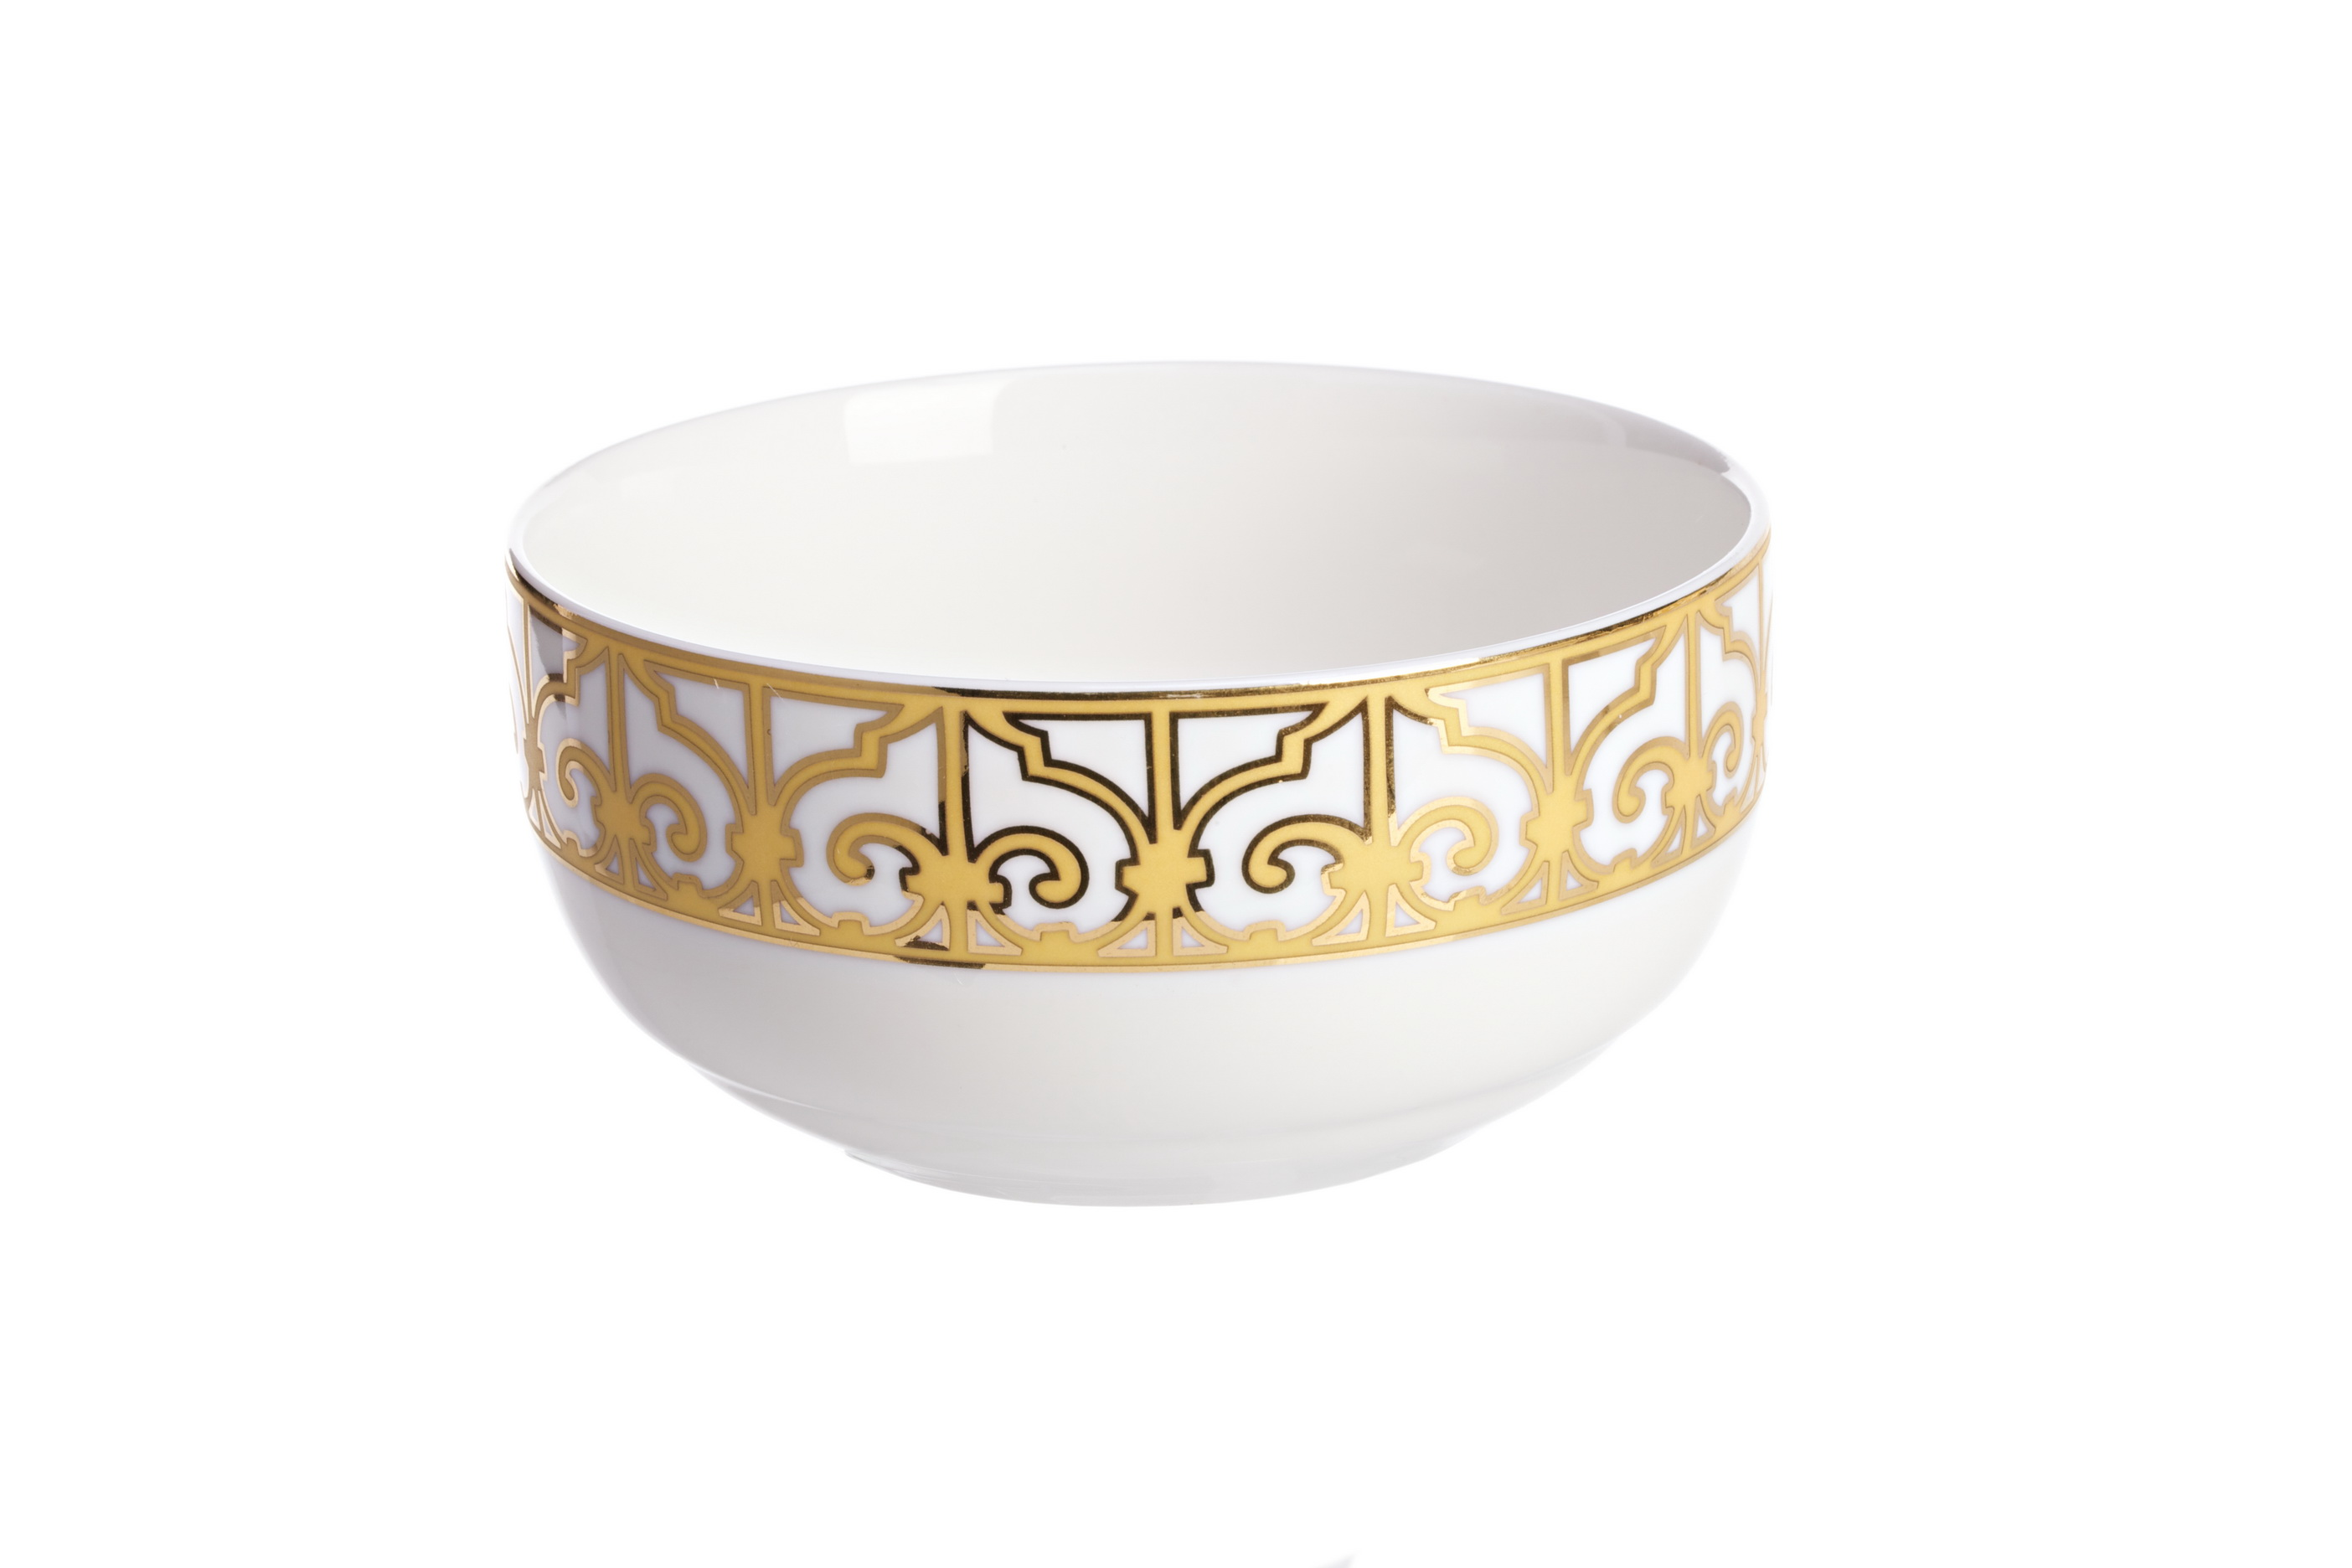 Салатник порционный MarbellaМиски и чаши<br>Небольшой порционный салатник серии «Marbella» предназначен для подачи закусок и салатов. Как и другие предметы коллекции, он выполнен из элитного костяного фарфора и украшен изысканным золотистым орнаментом в стиле модерн (moderne). Вы можете приобрести его отдельно, но гораздо эффектнее он будет смотреться в комплекте с другими предметами праздничной сервировки коллекции «Marbella».<br><br>Material: Фарфор<br>Height см: 11<br>Diameter см: 6